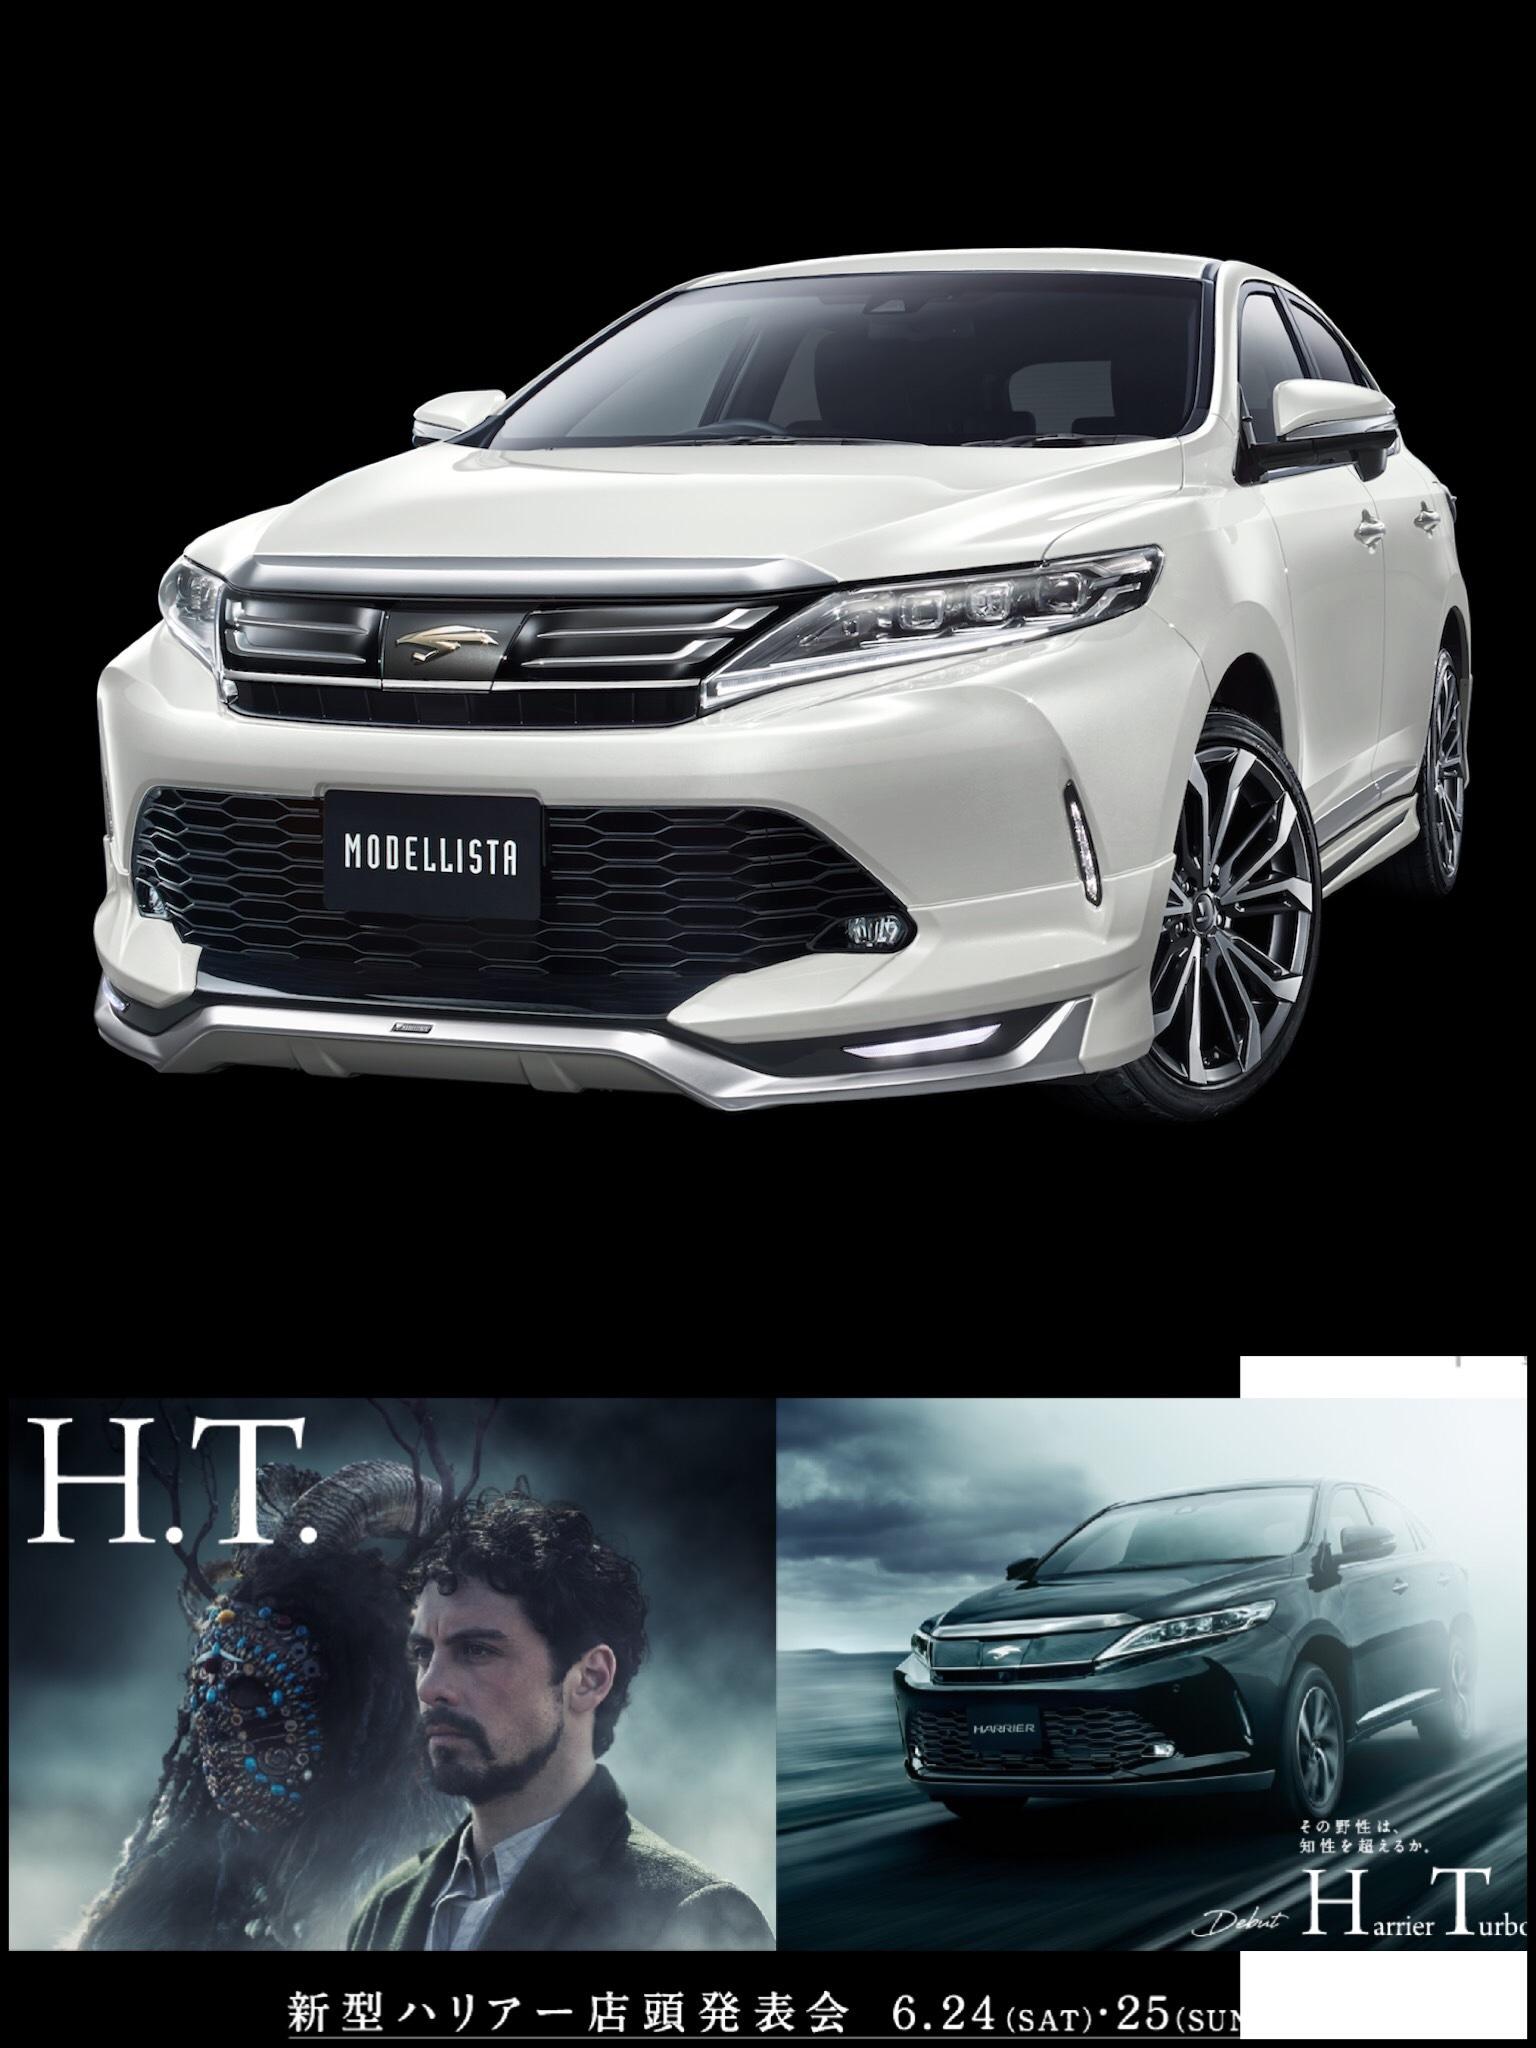 新型ハリアー ターボ2017 モデリスタ